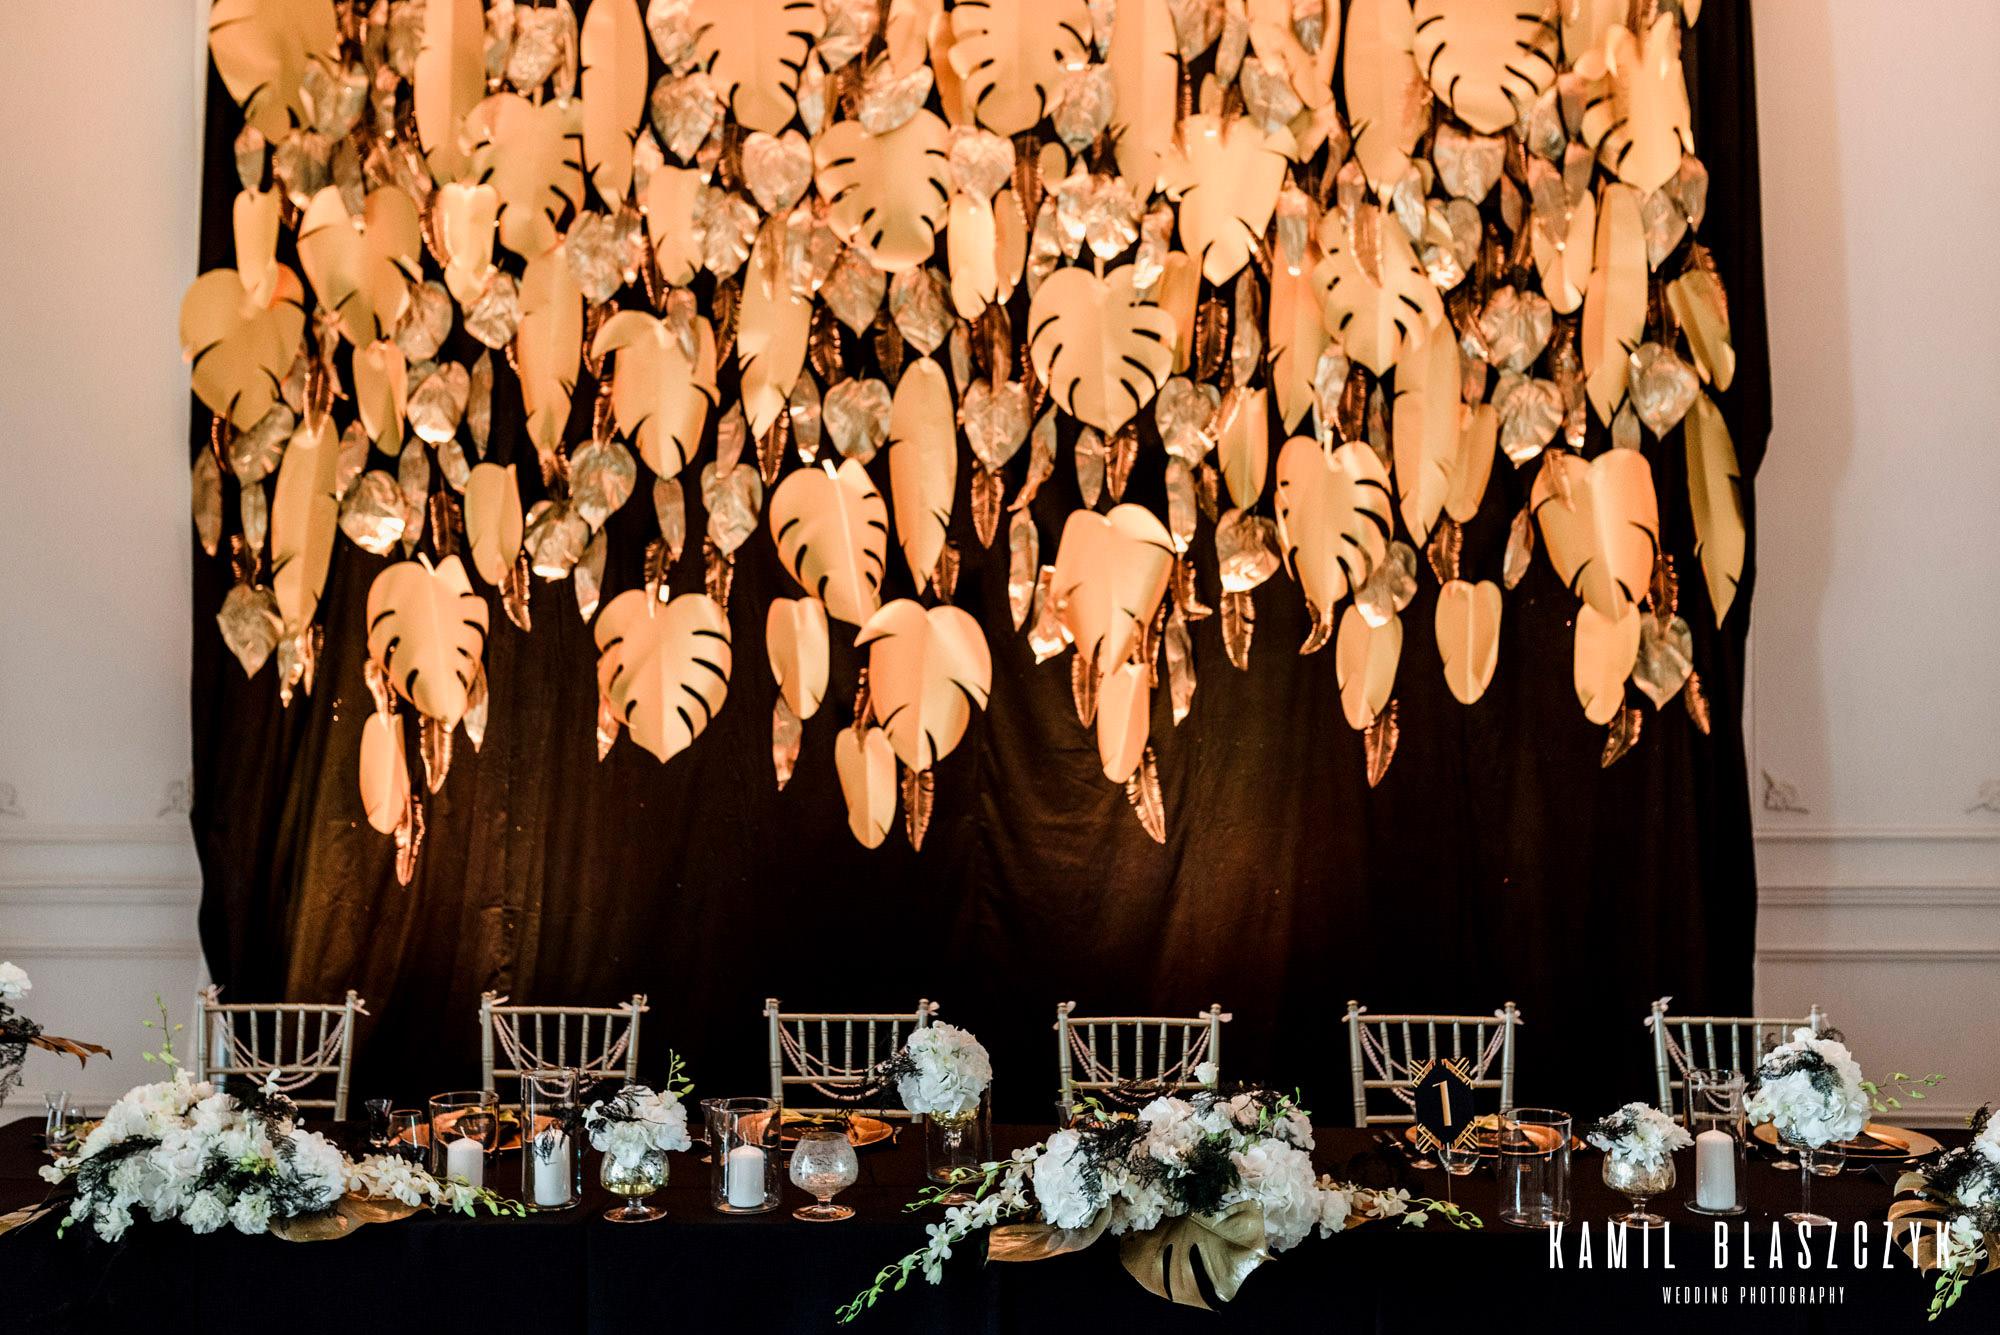 Czarno złota dekoracja na weselu Michała i Marty w Łodzi w Pałacu w Ksawerowie | Ścianka na weselu